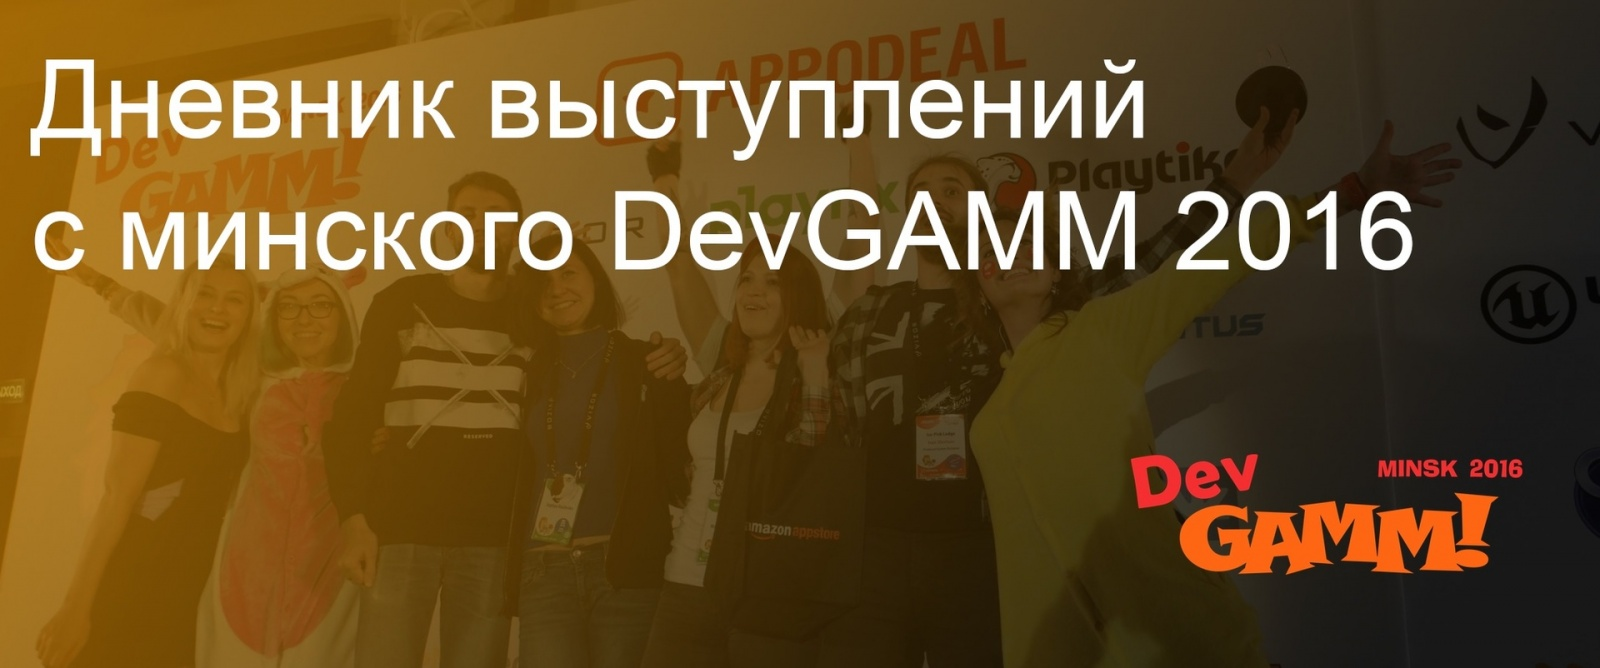 Дневник выступлений с минского DevGAMM 2016 - 1